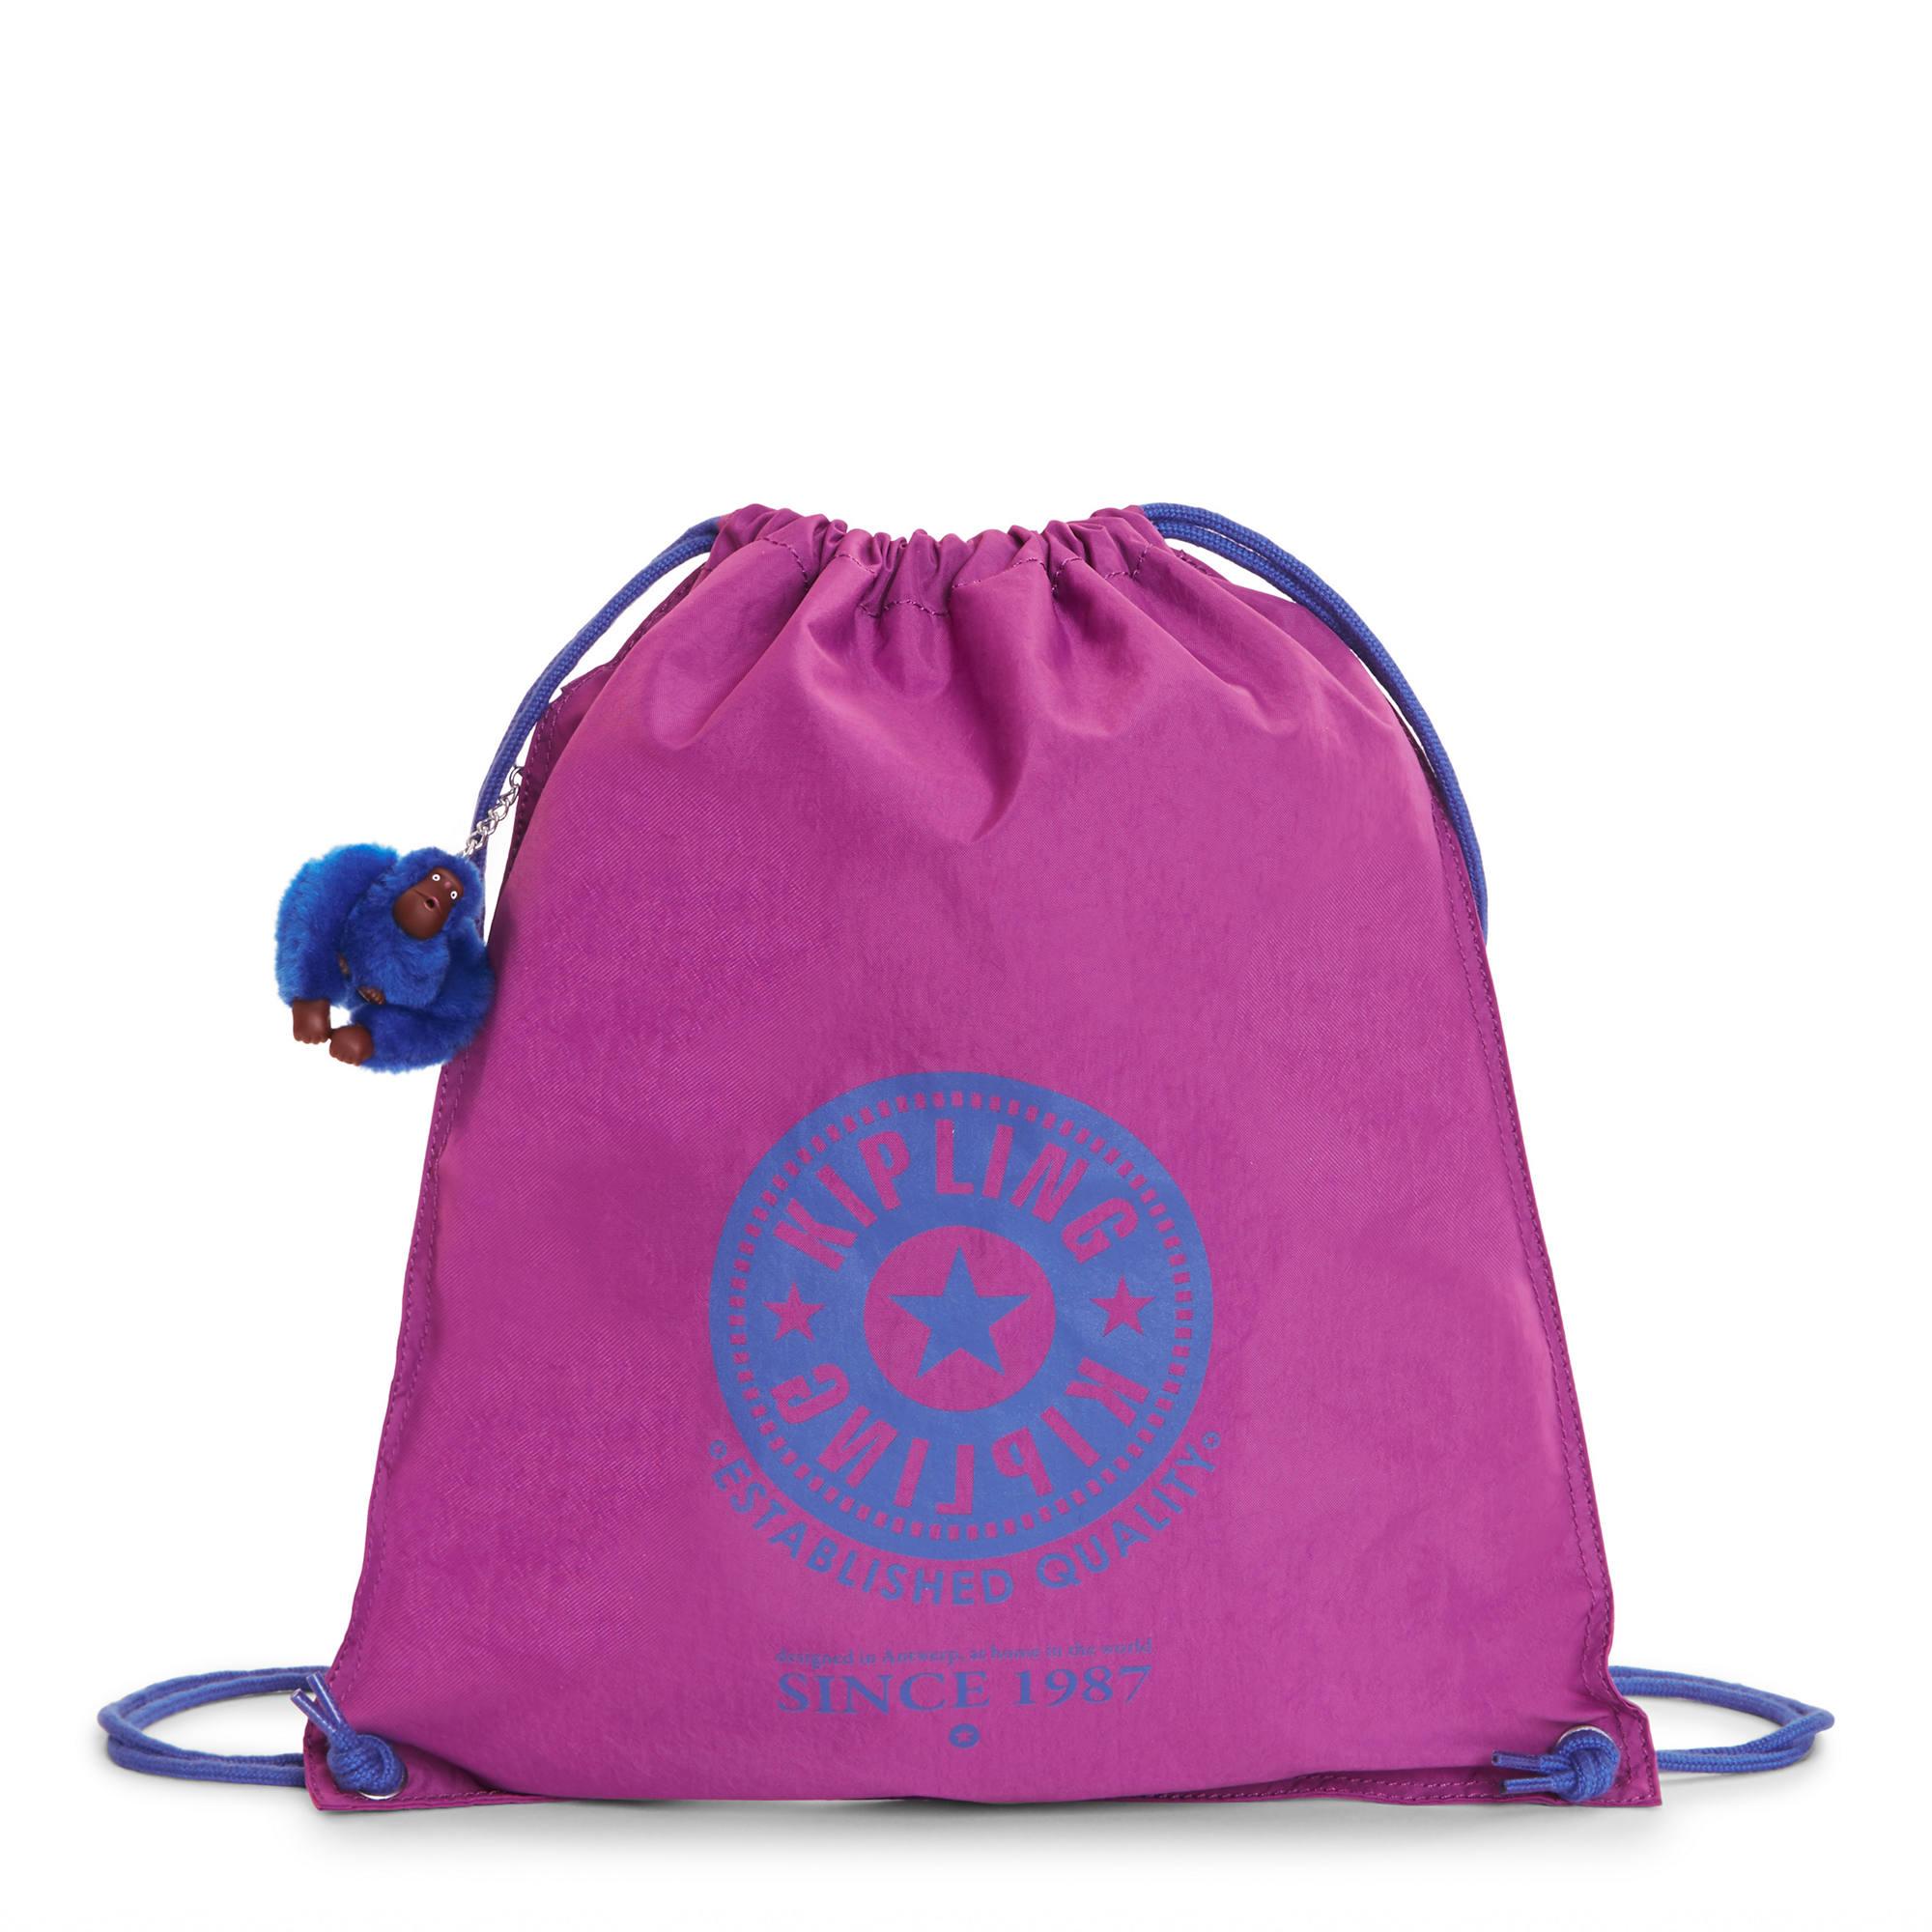 d90793c32812 Emjay Drawstring Backpack